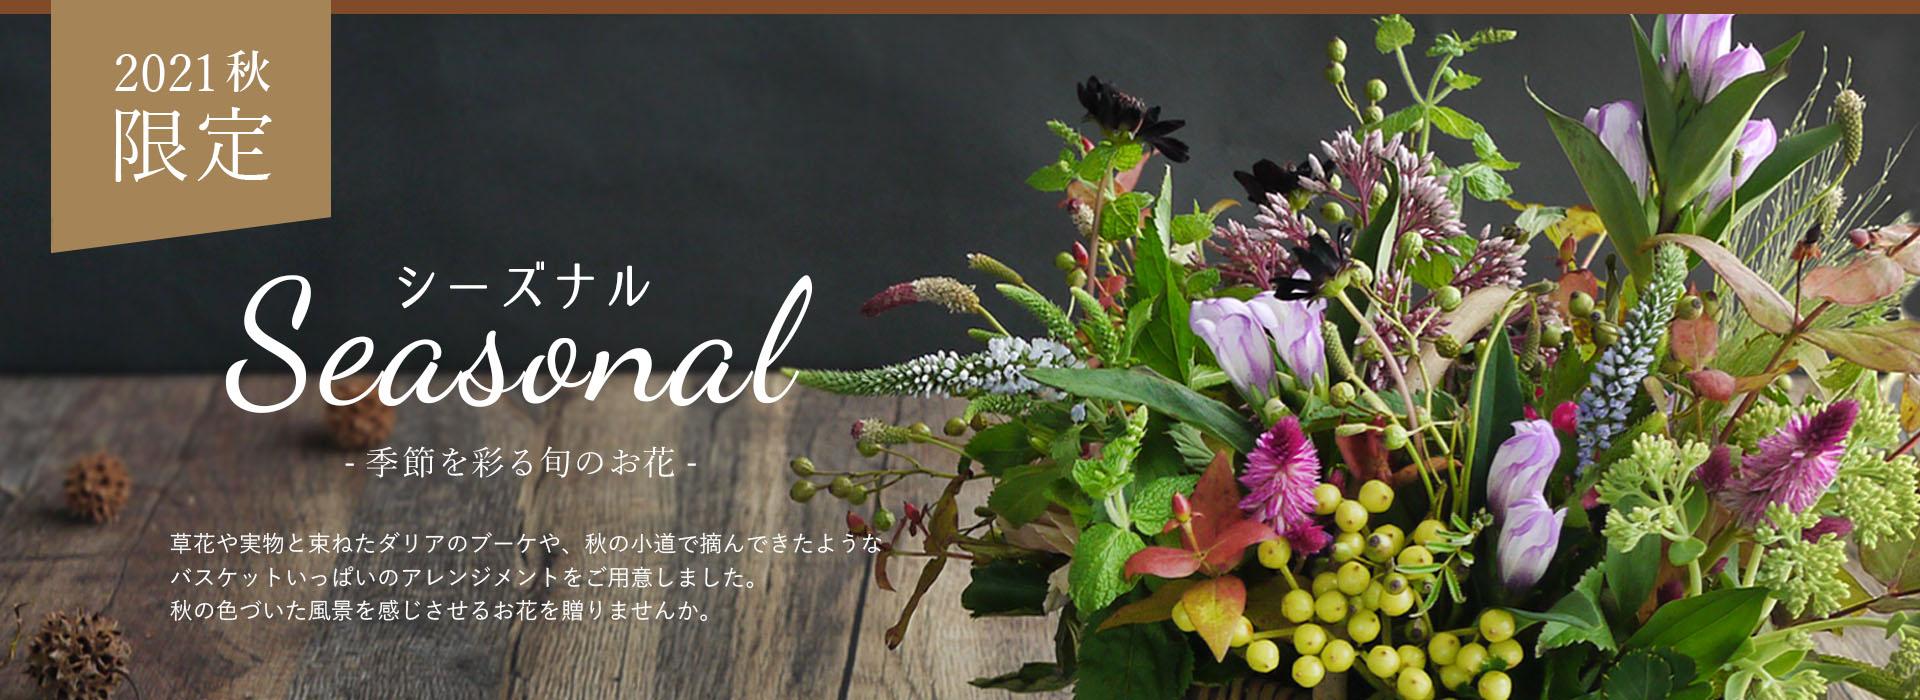 シーズナル,季節,秋,ダリア